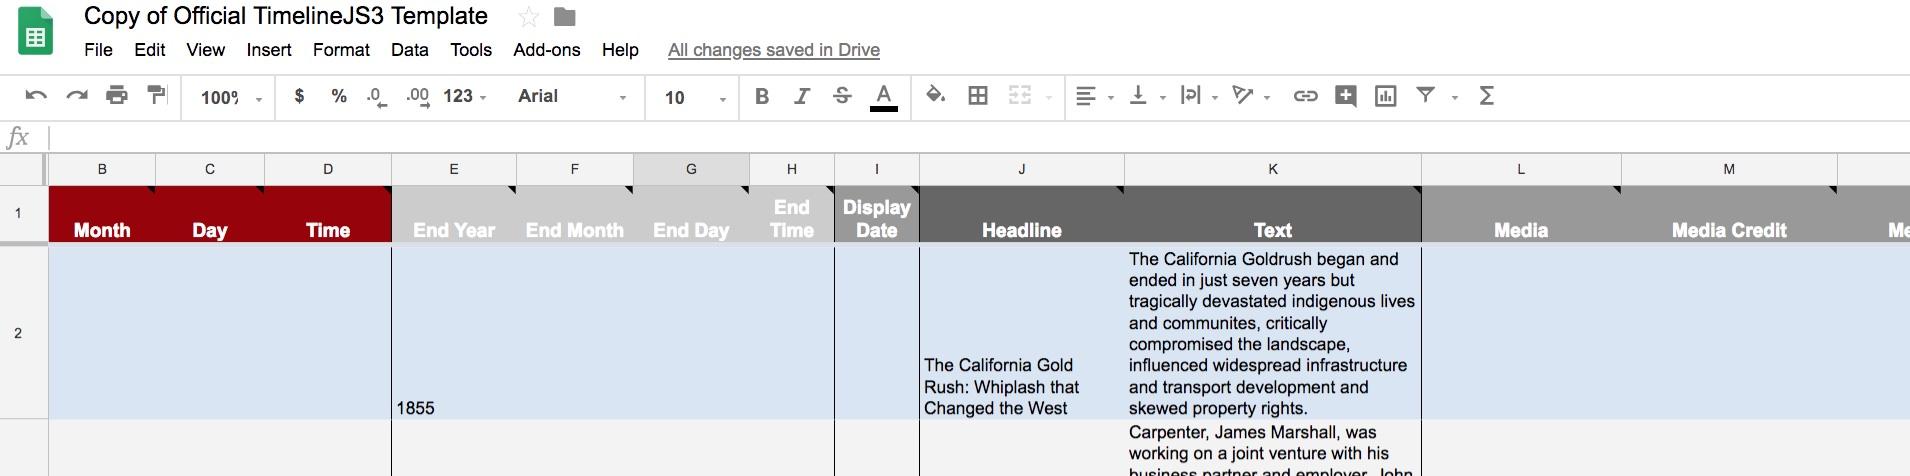 TimelineJS Spreadsheet